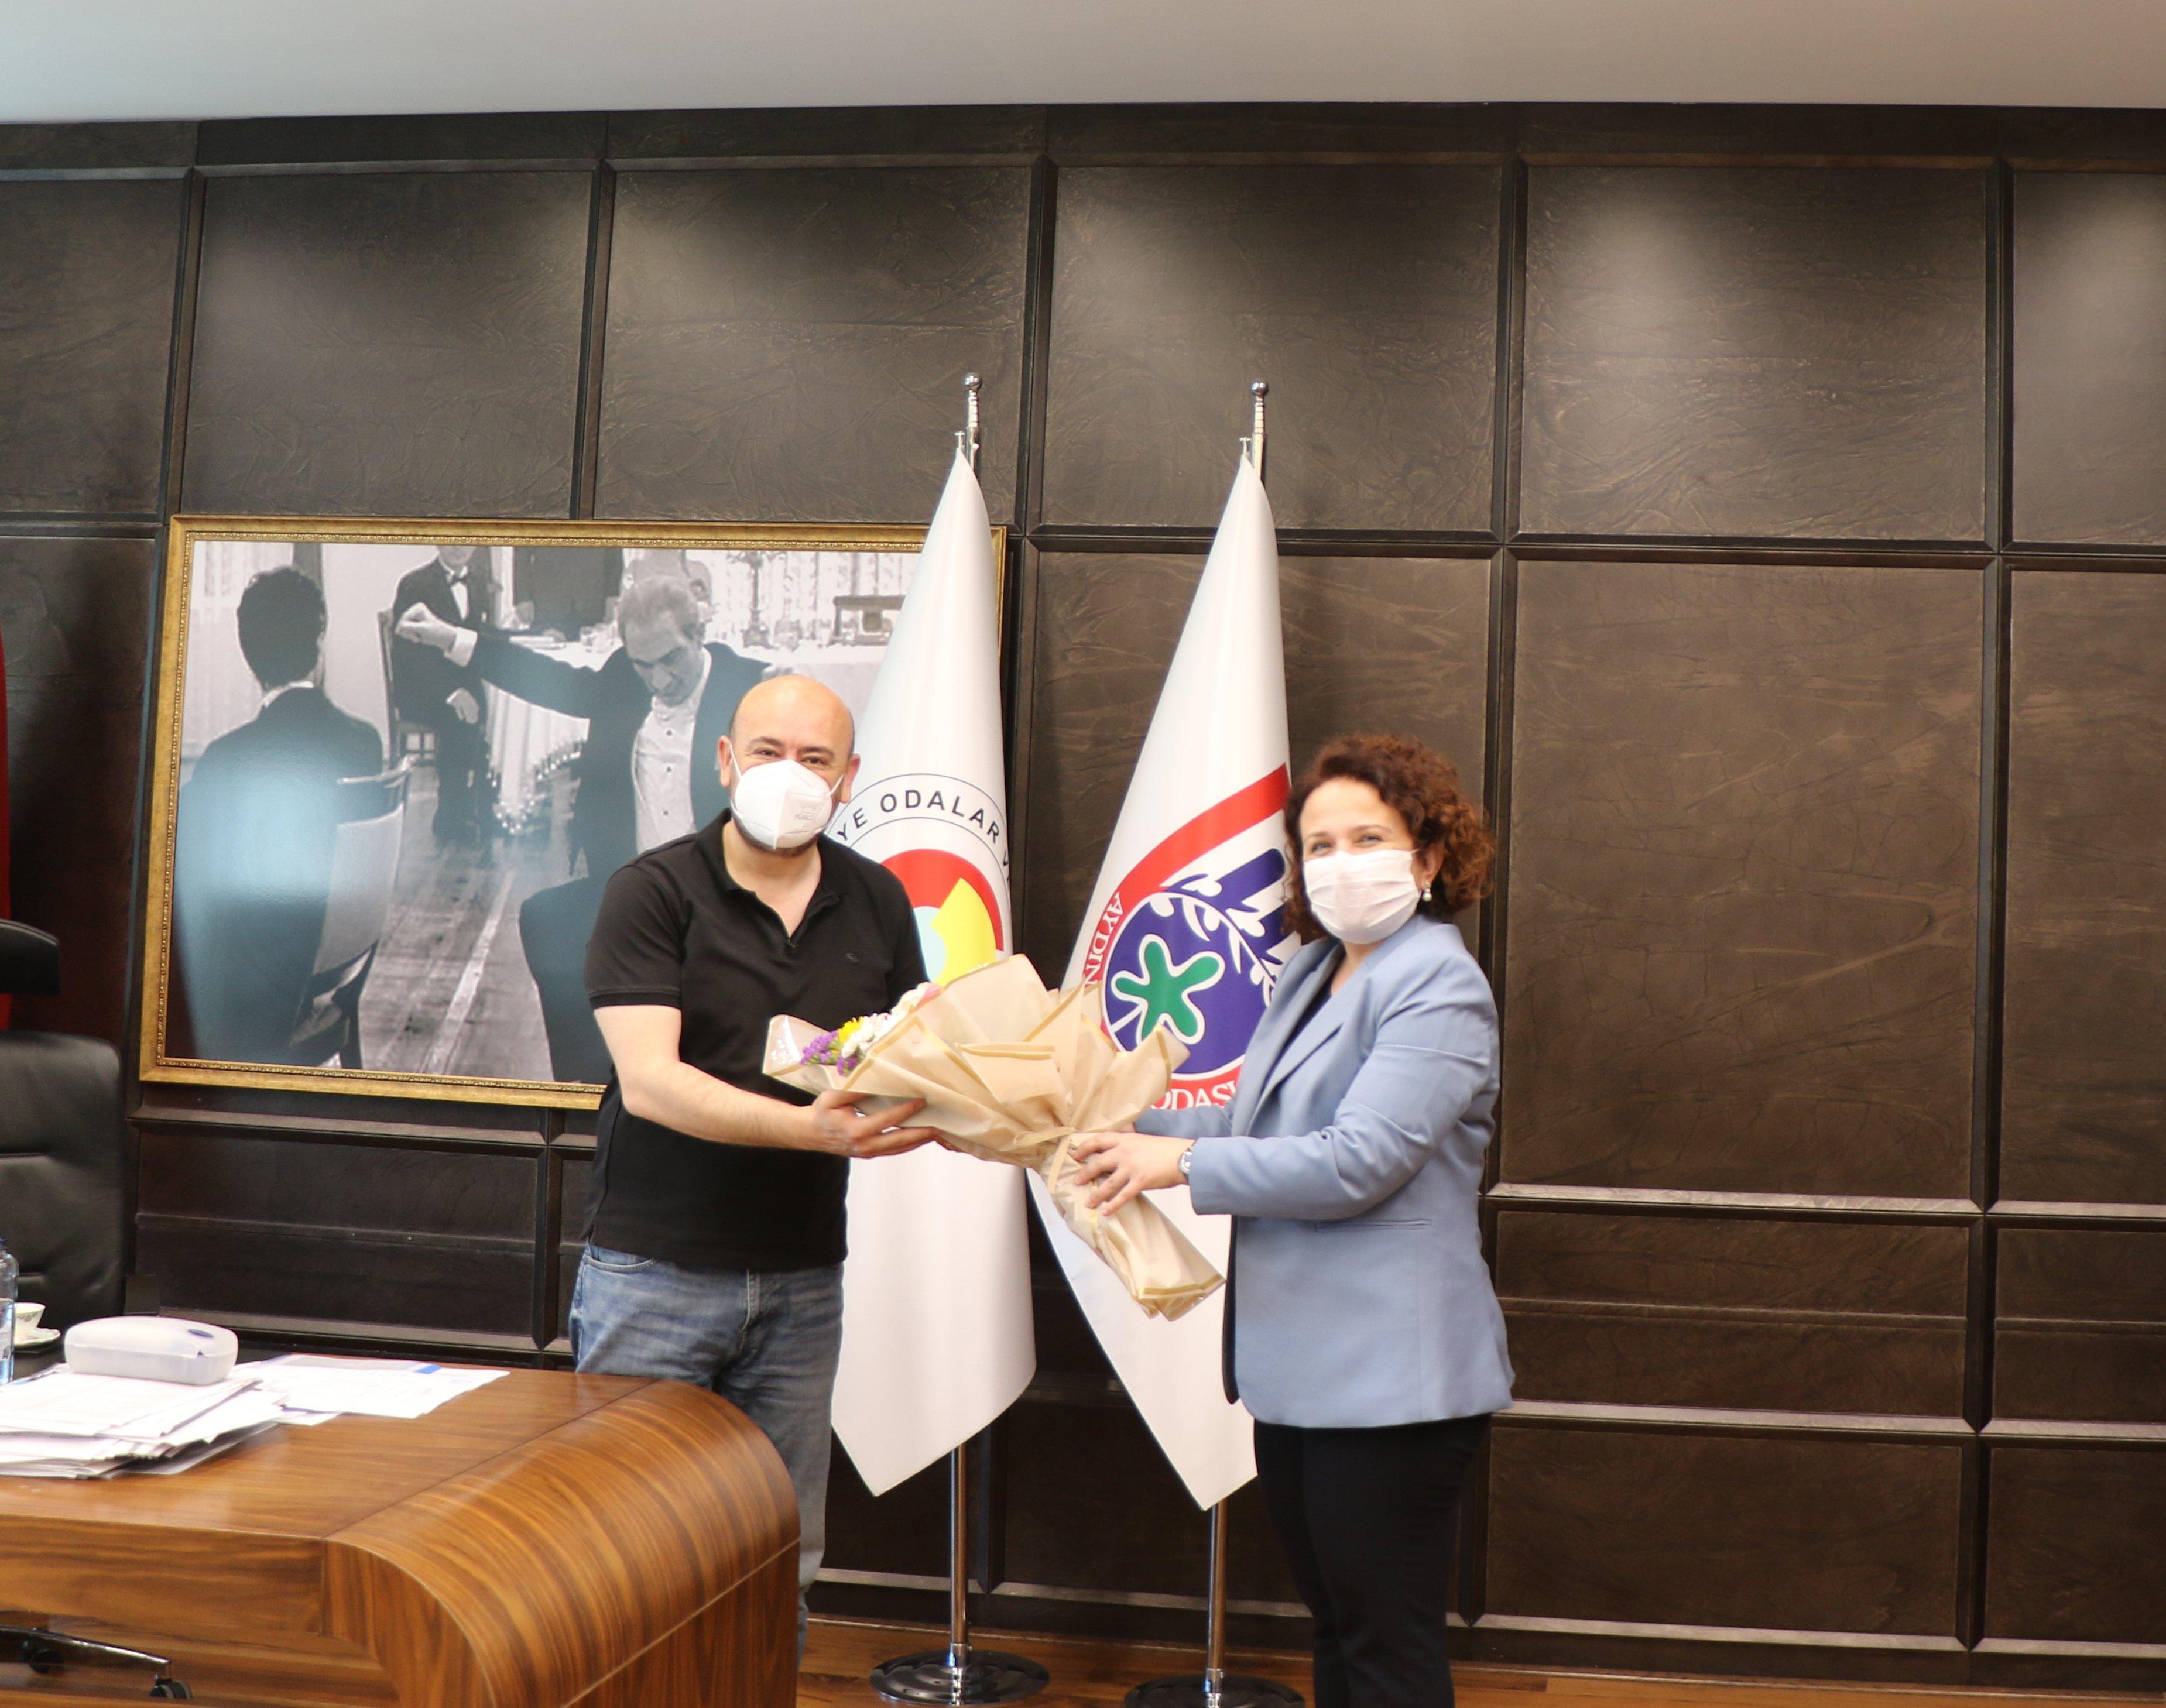 Aydın Sosyal Güvenlik Kurumu İl Müdürü Zeynep YILMAZ, Sosyal Güvenlik haftası kapsamında TOBB Yönetim Kurulu Üyesi ve Odamız Başkanı Hakan ÜLKEN' i makamında ziyaret etti.